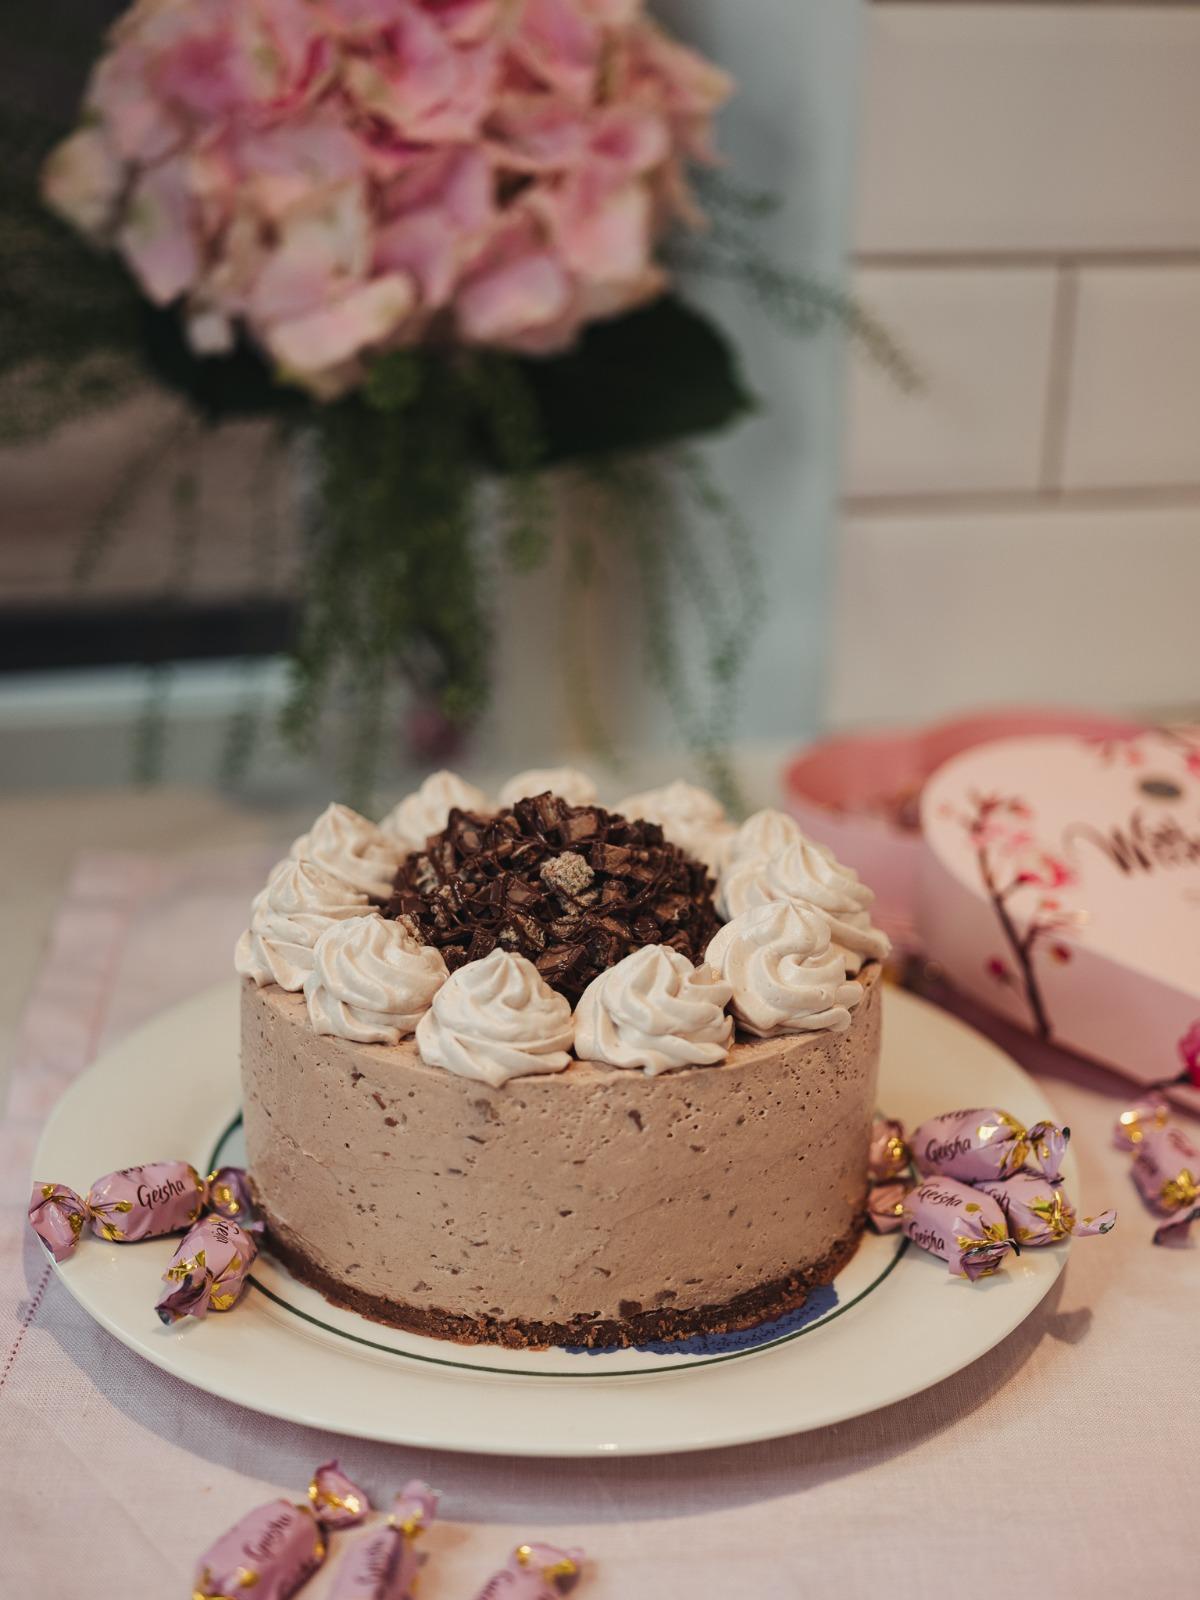 Geisha nousi teidän seuraajien suosikki suklaaksi, joten päätin suunnitella siitä kakkuohjeen. Kakku on tehty 18cm reunavuokaan.